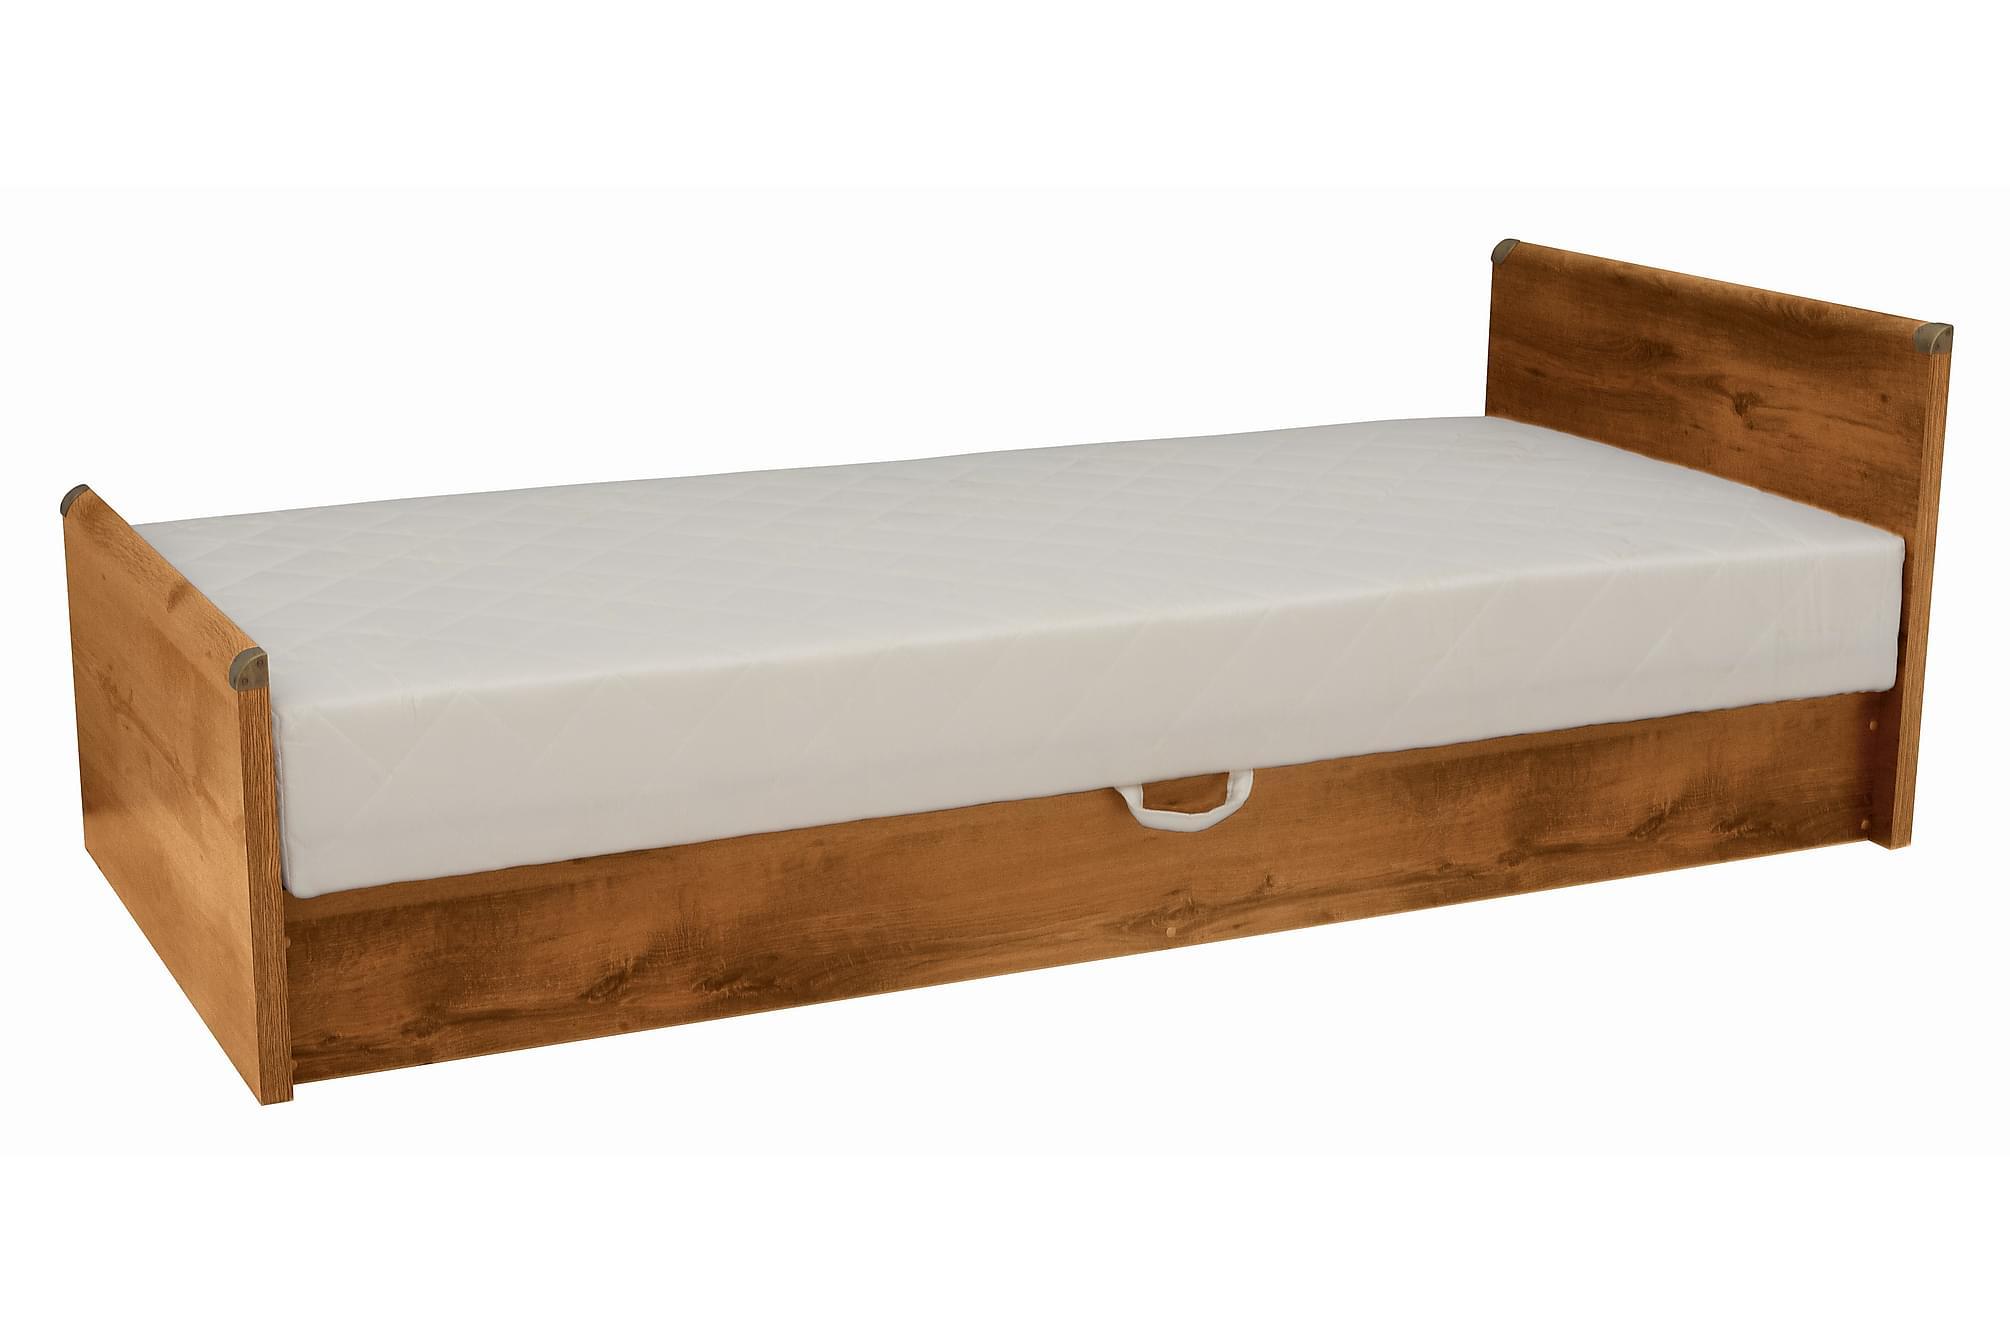 ALDIGE Enkelsäng 90 cm, Sängram & sängstomme